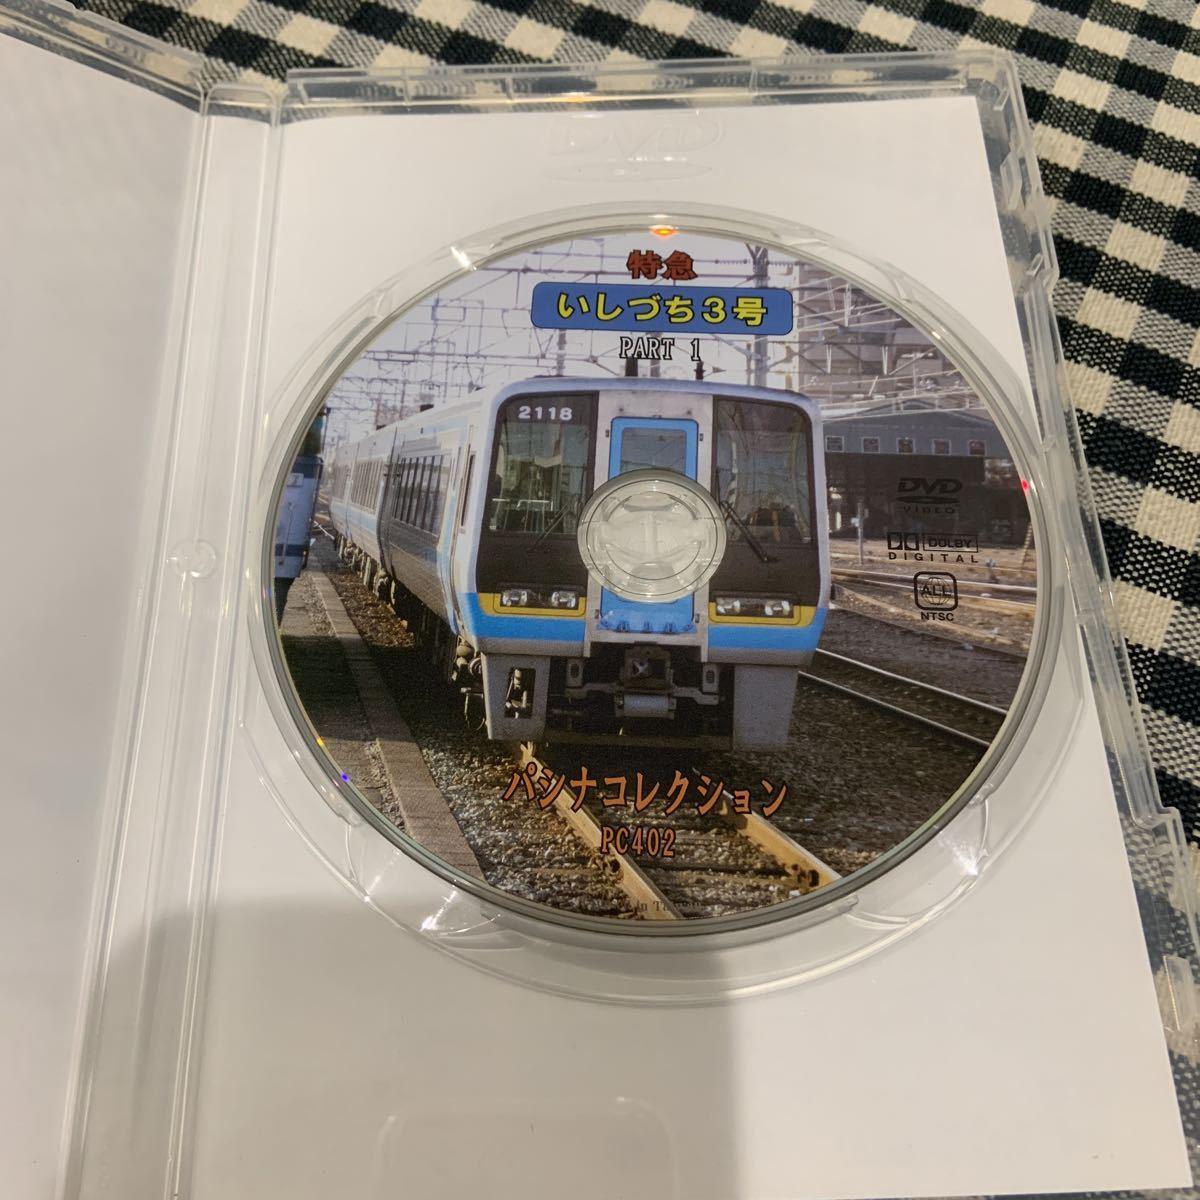 パシナコレクション 特急「いしづち3号」パート1 DVD_画像3